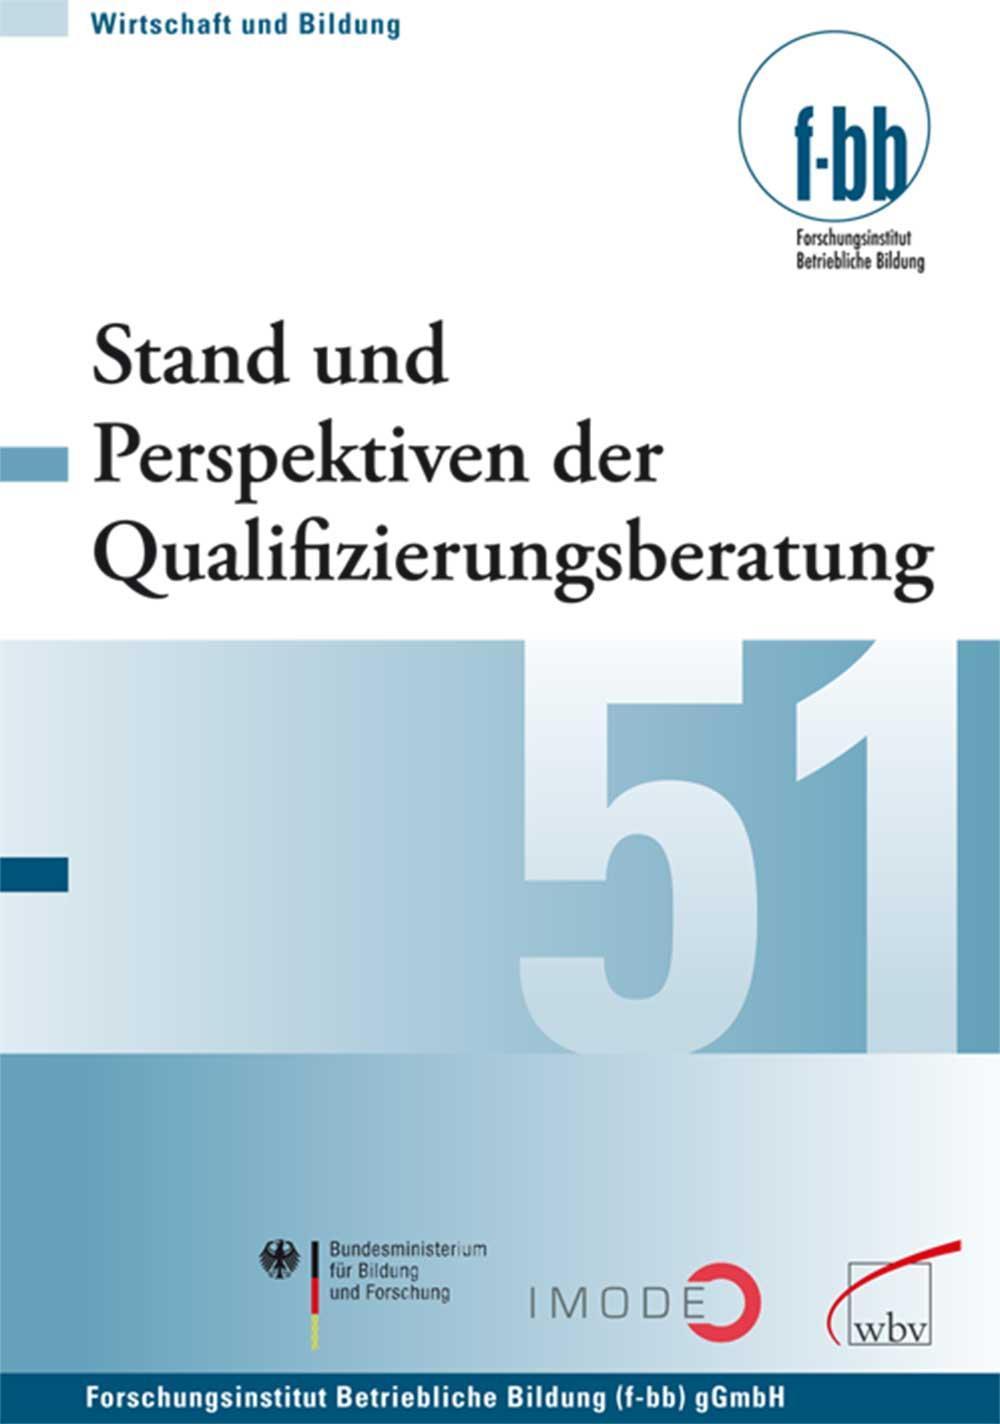 Stand und Perspektiven der Qualifizierungsberatung